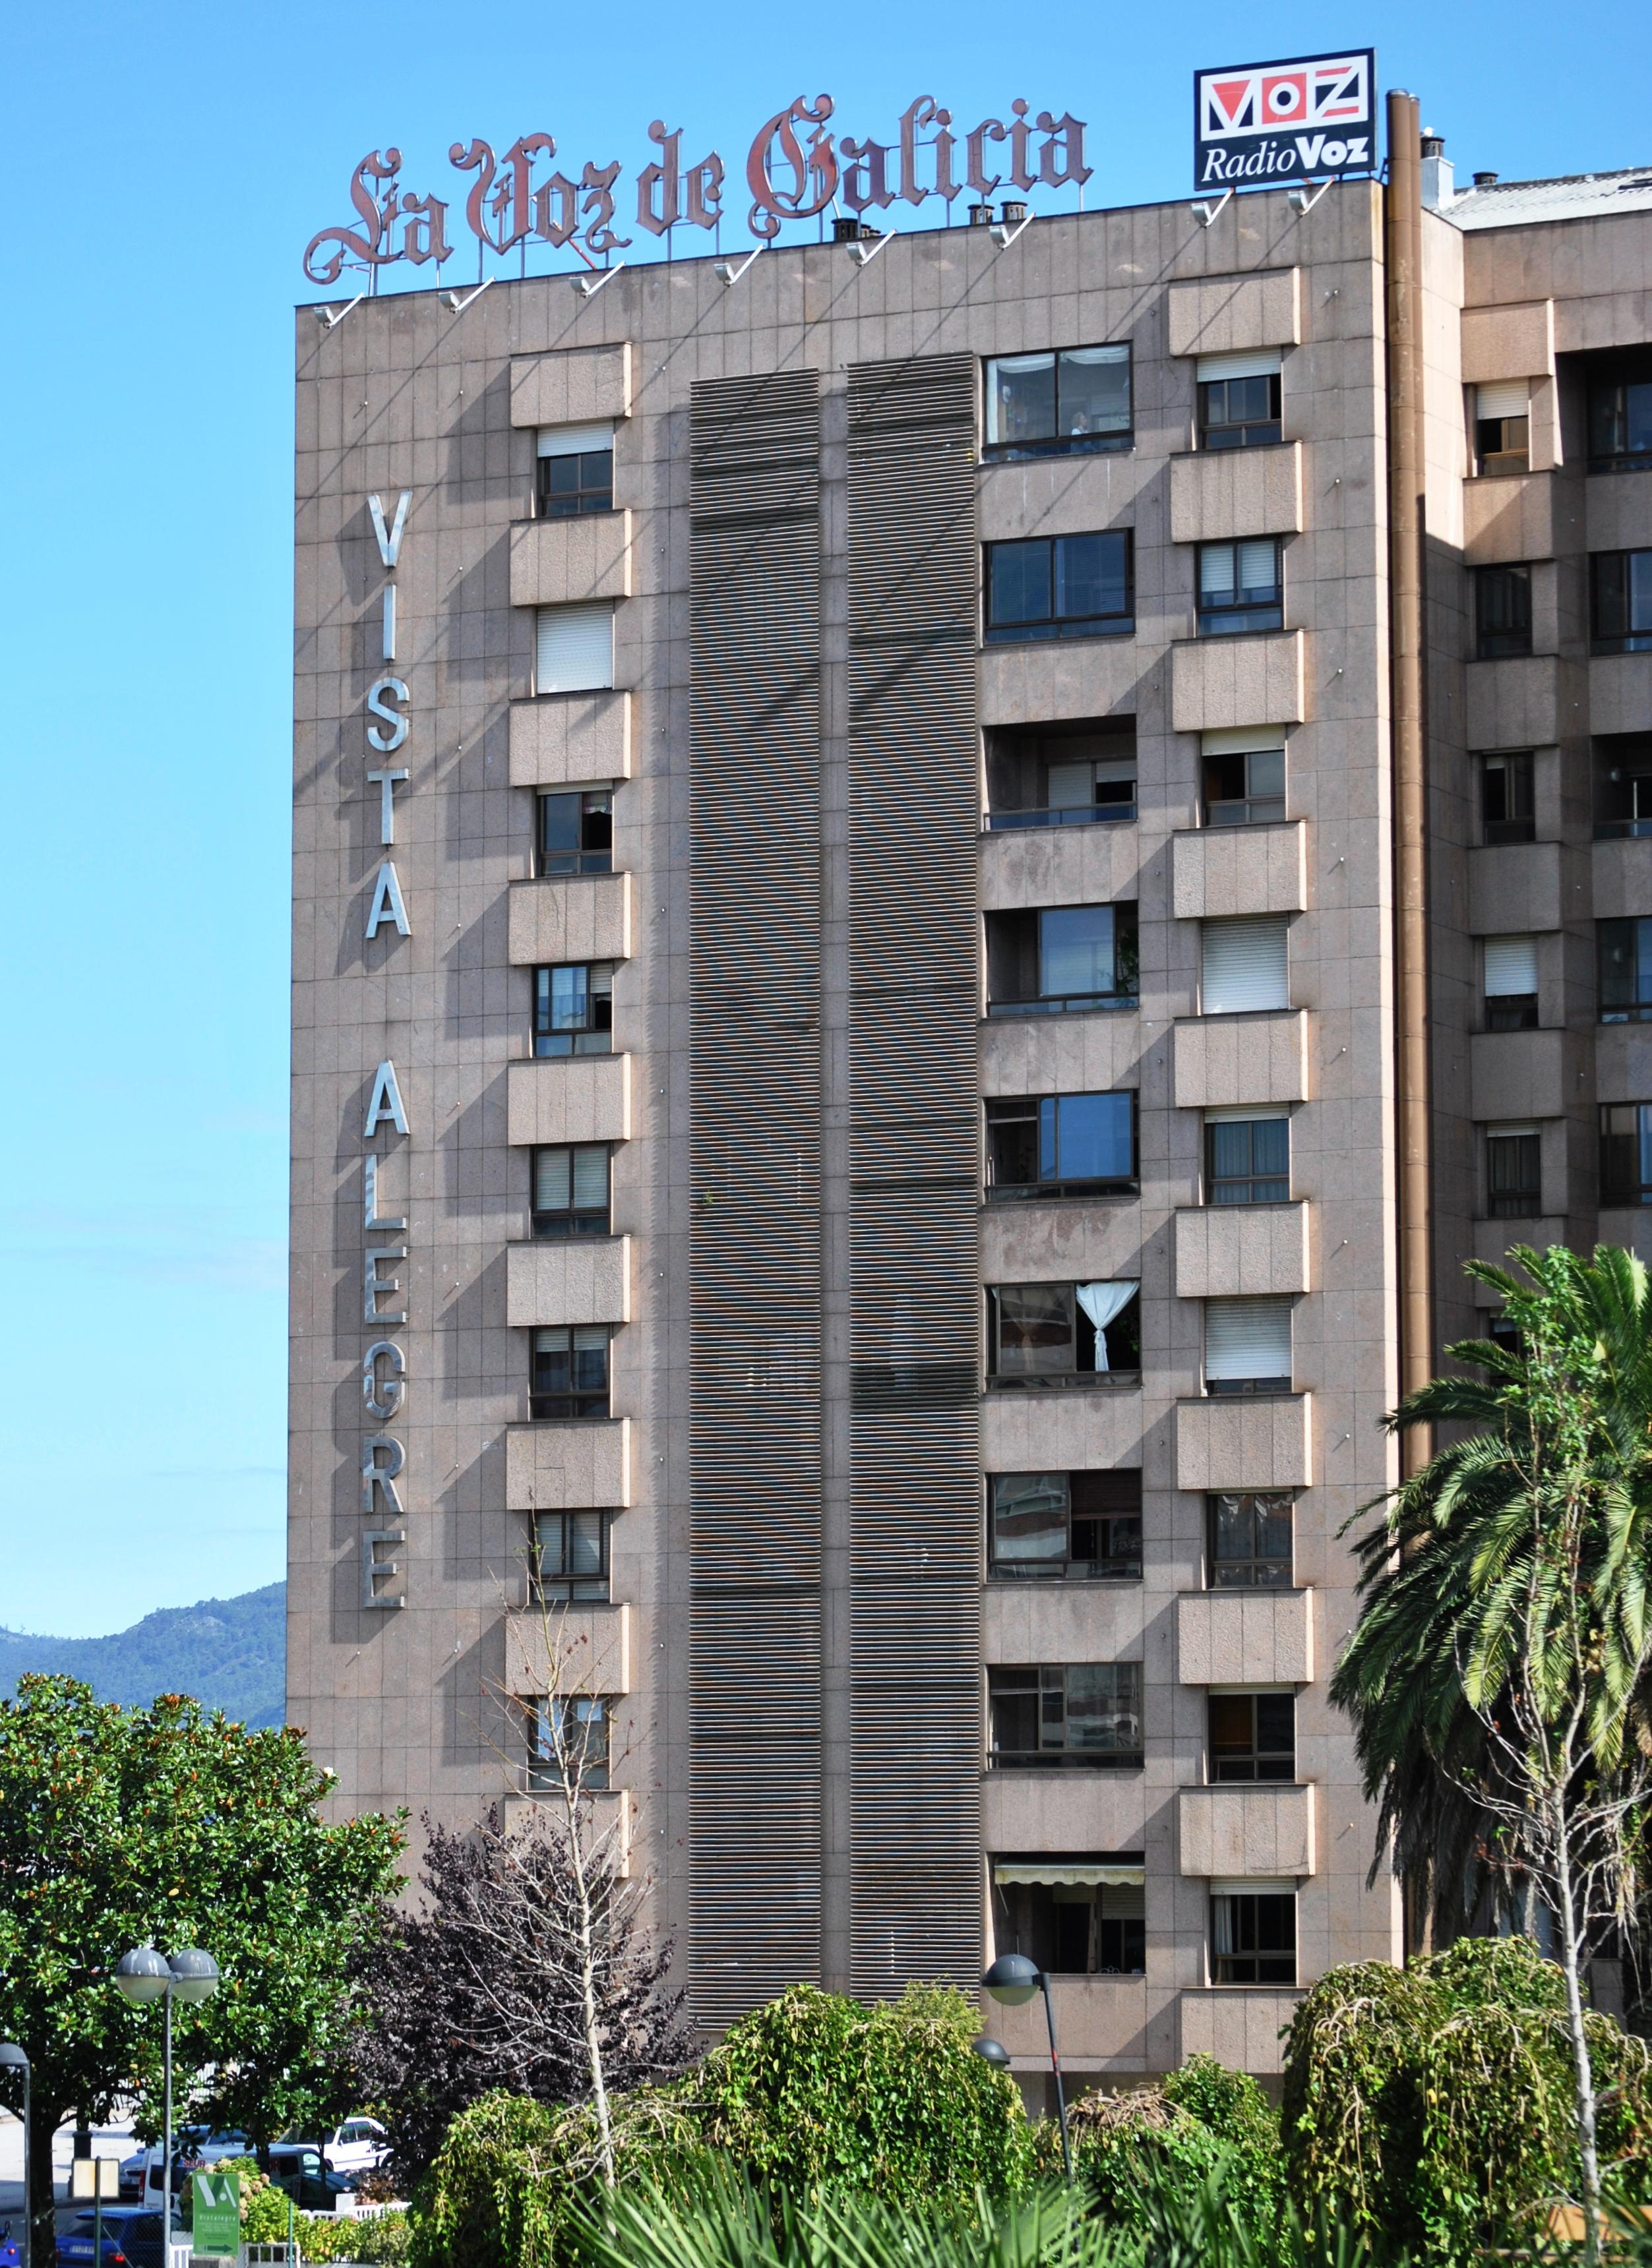 File Vista Alegre La Voz De Galicia Radio Voz Vigo Jpg Wikimedia Commons